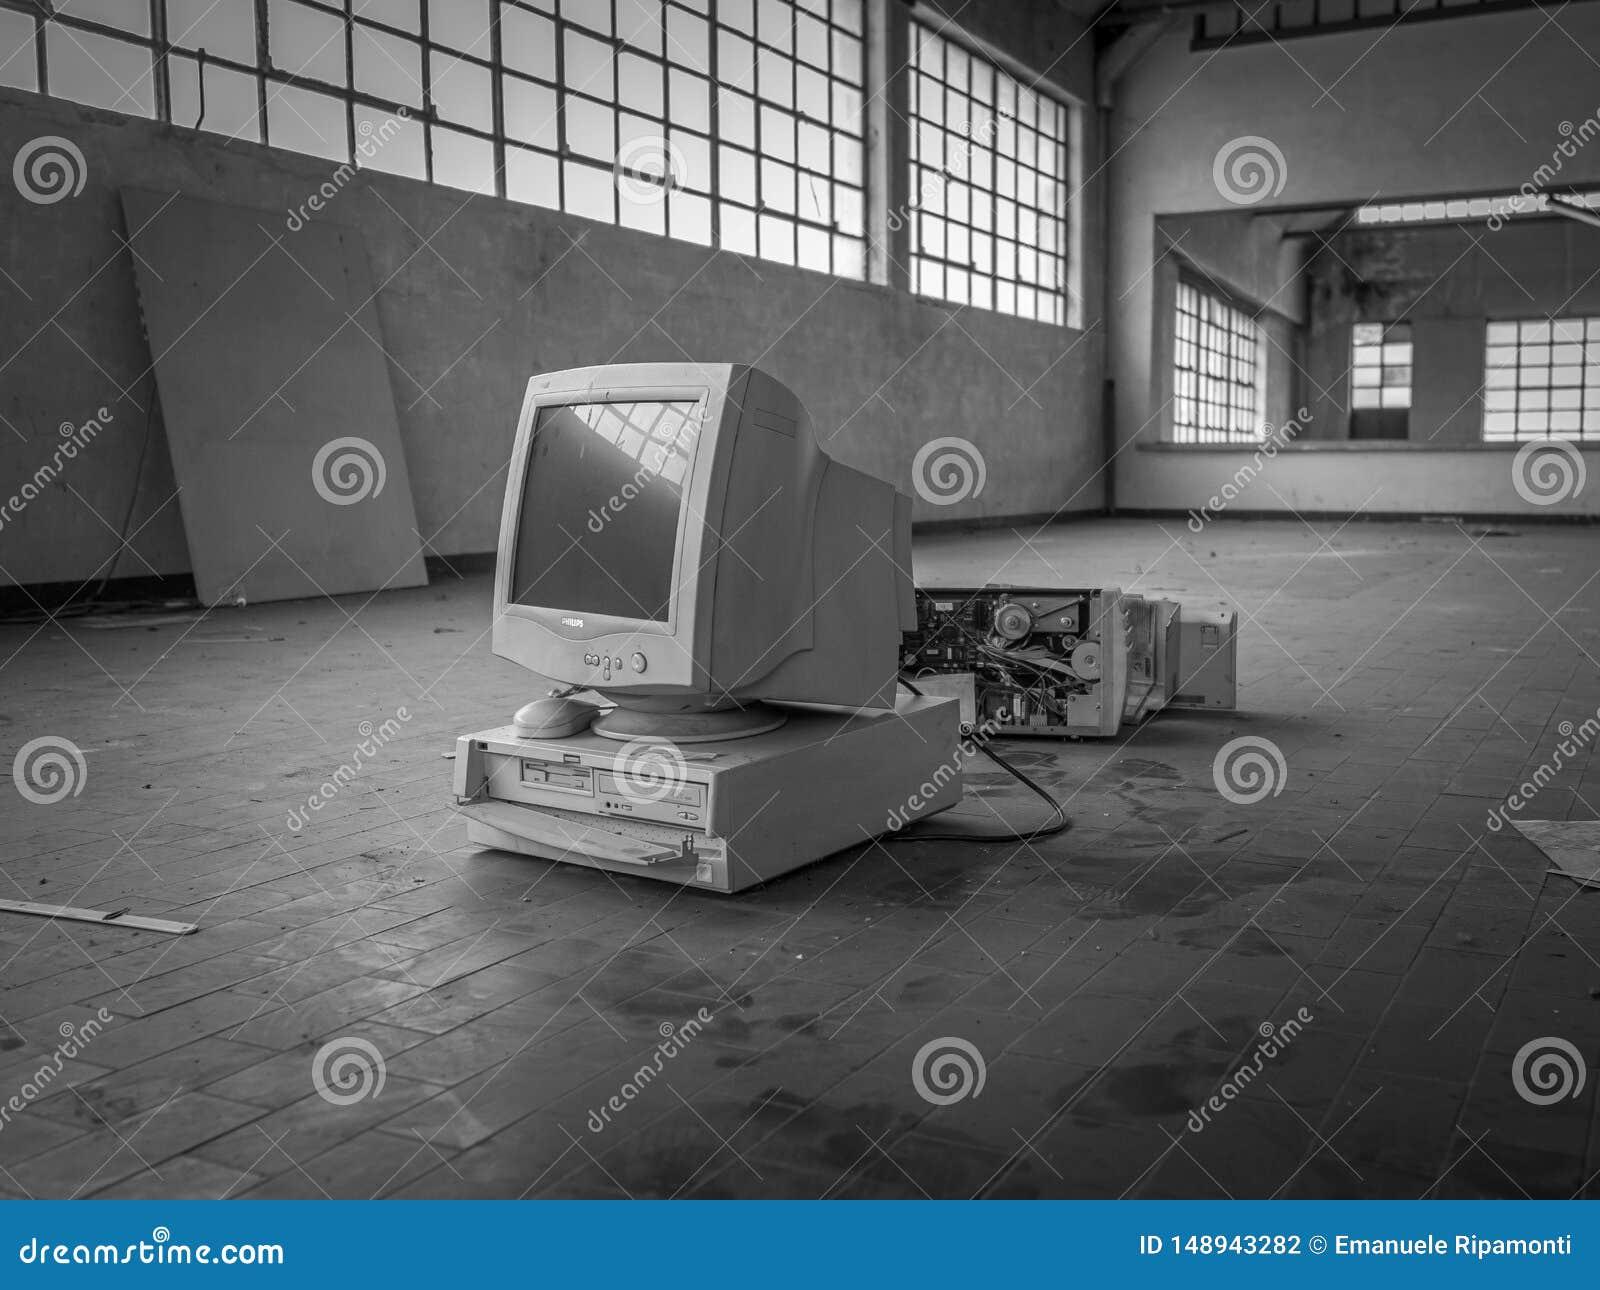 Παλαιός υπολογιστής παραγωγής στην αποθήκη εμπορευμάτων, γραπτή